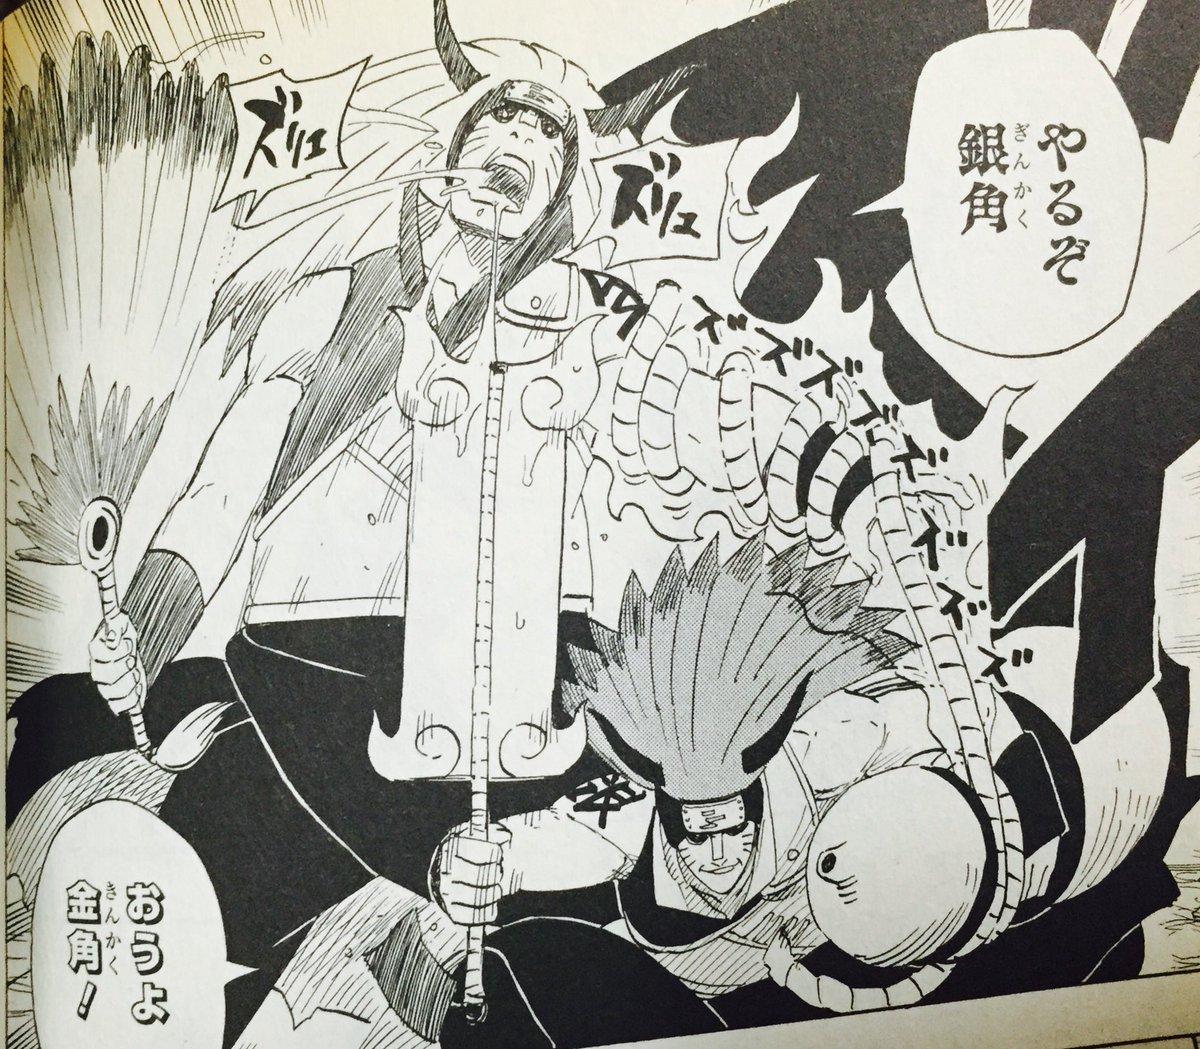 ゴ糖 (@Goto_ori) さんの漫画 | 120作目 | ツイコミ(仮)